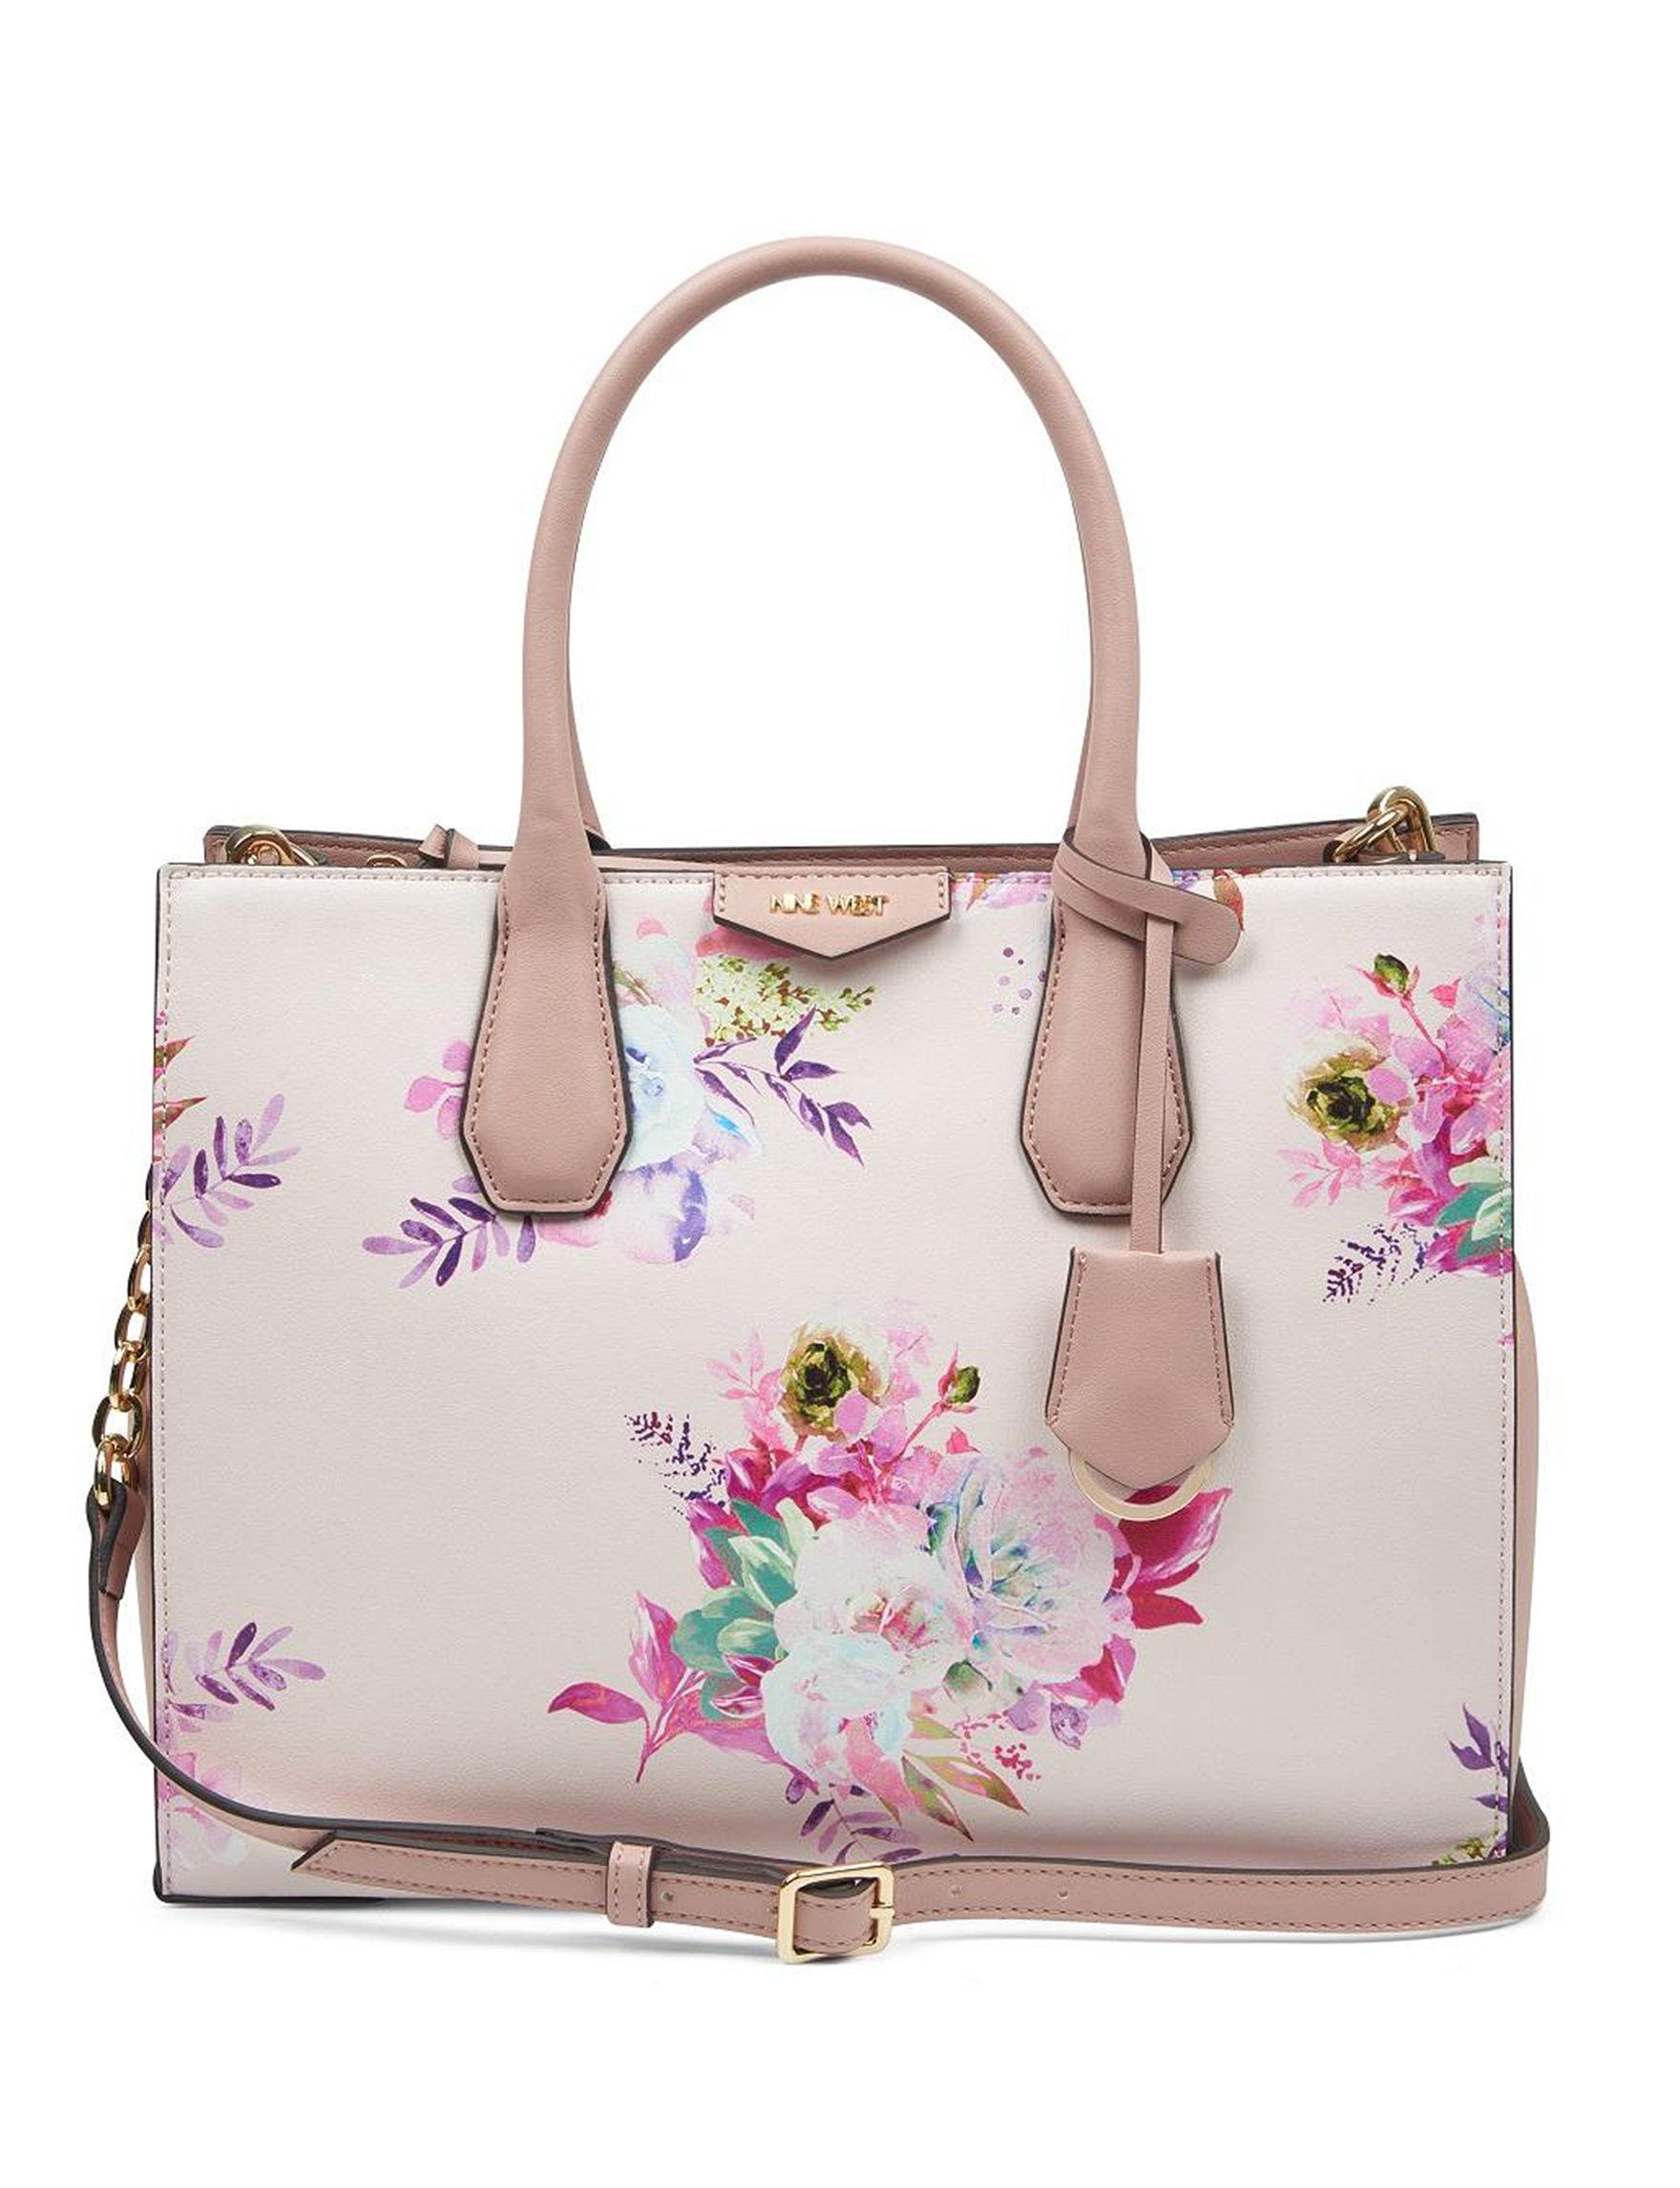 Nine West Pink Floral